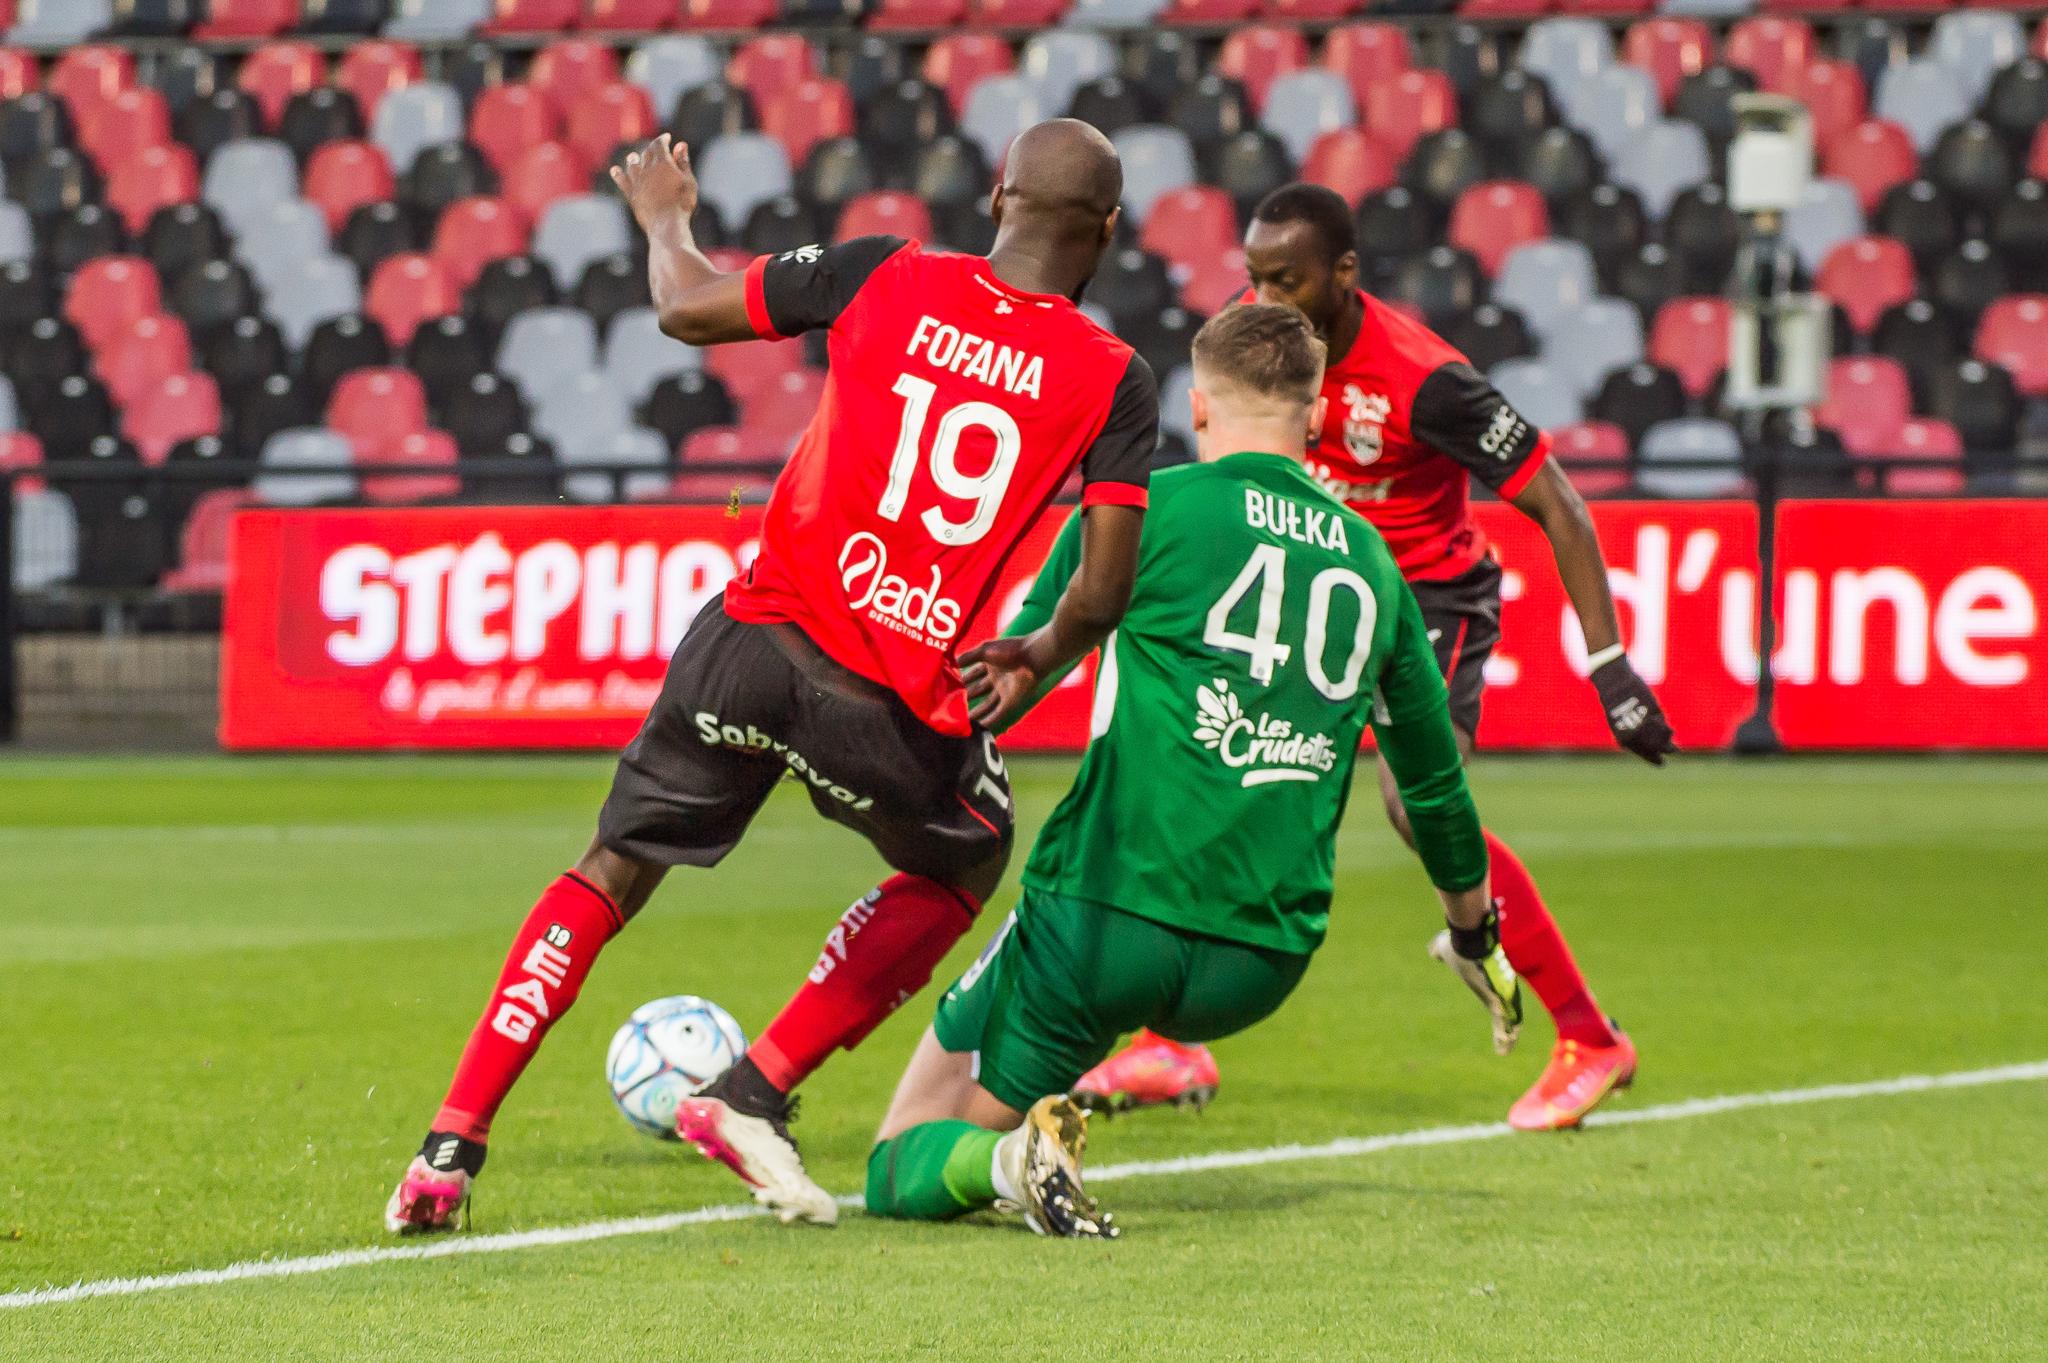 EA Guingamp La Berrichonne Châteauroux J37 Ligue 2 BKT EAGLBC 2-0 Stade de Roudourou FRA_5718